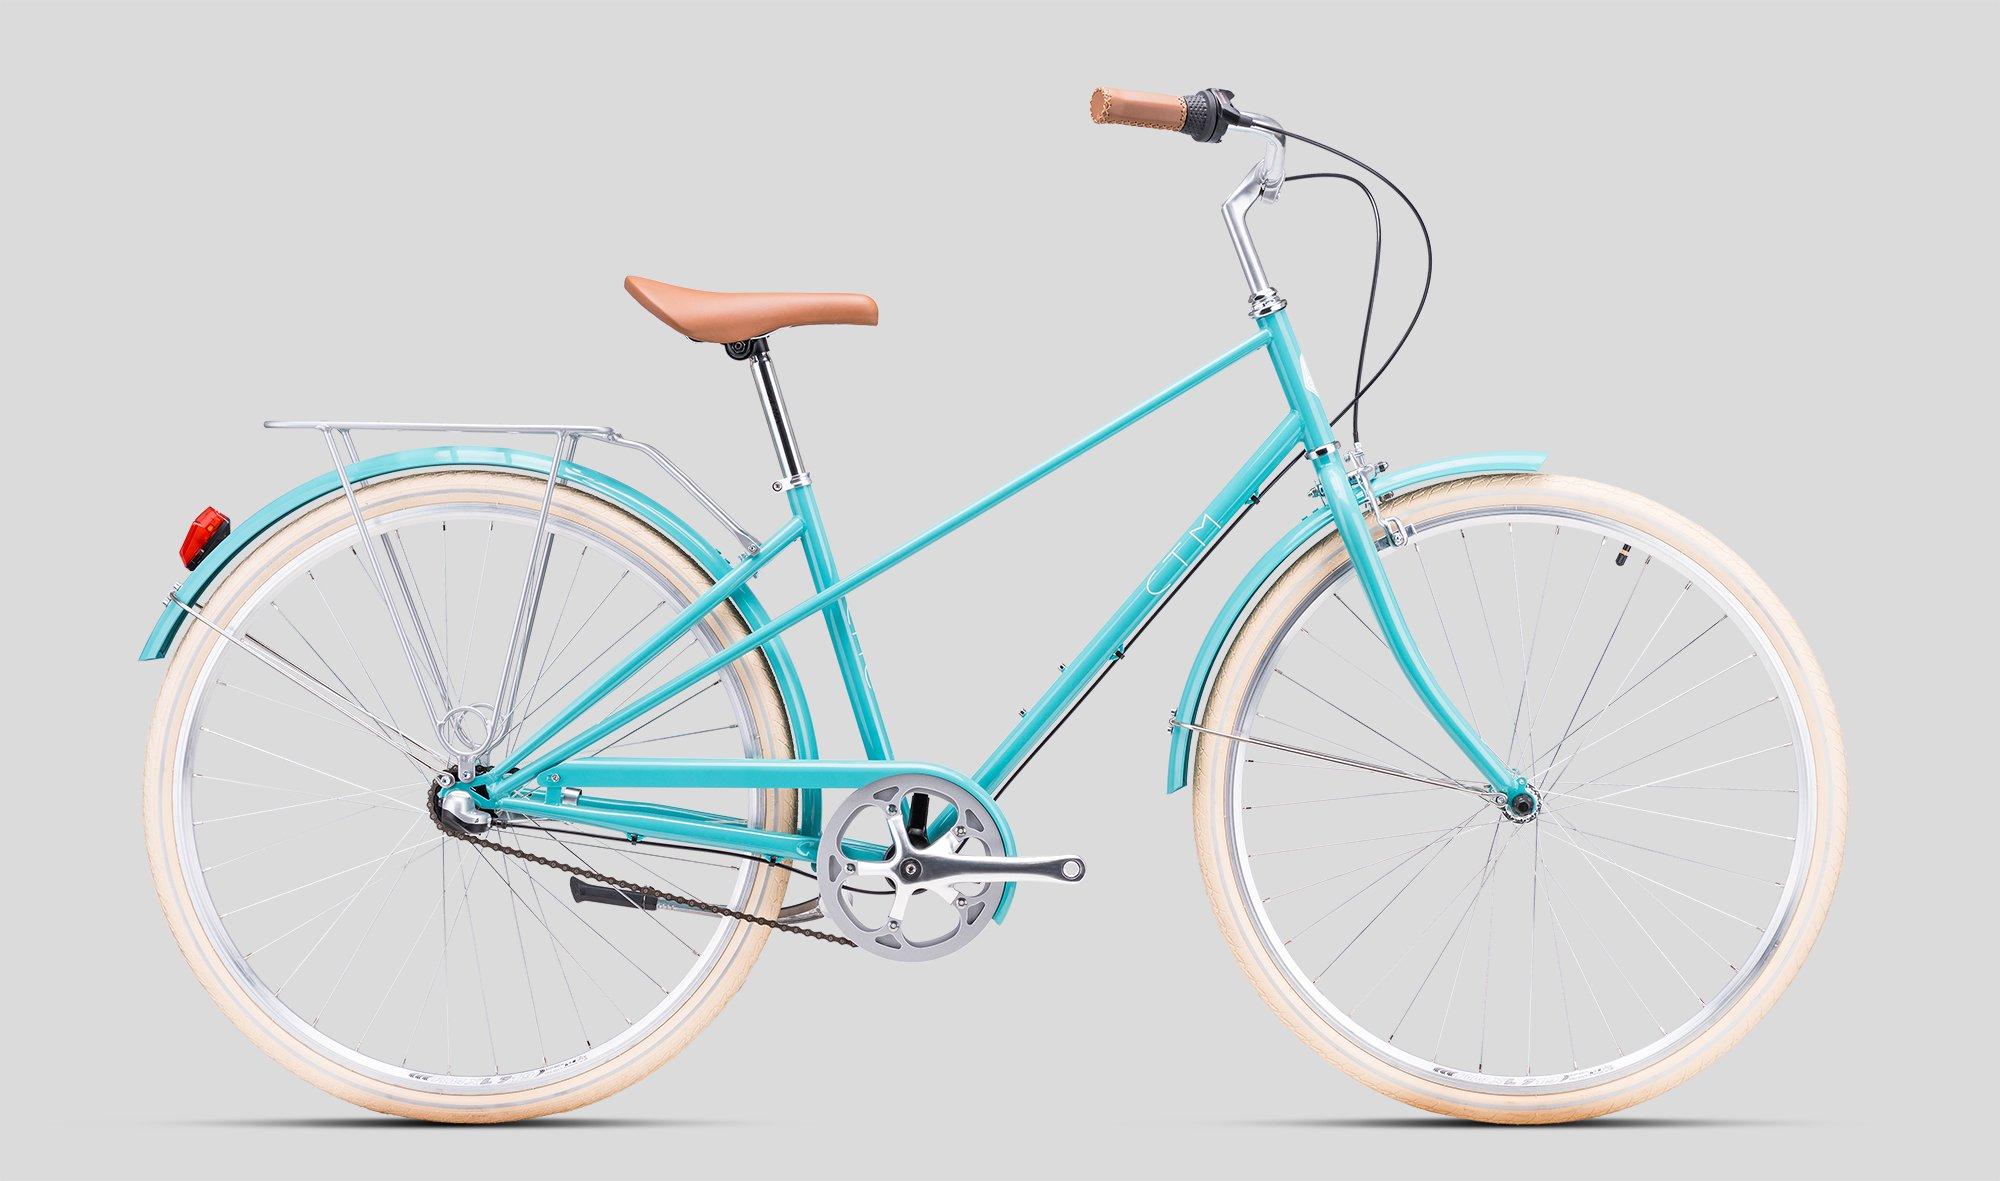 Sieviešu velosipēds CTM City Cité turquoise